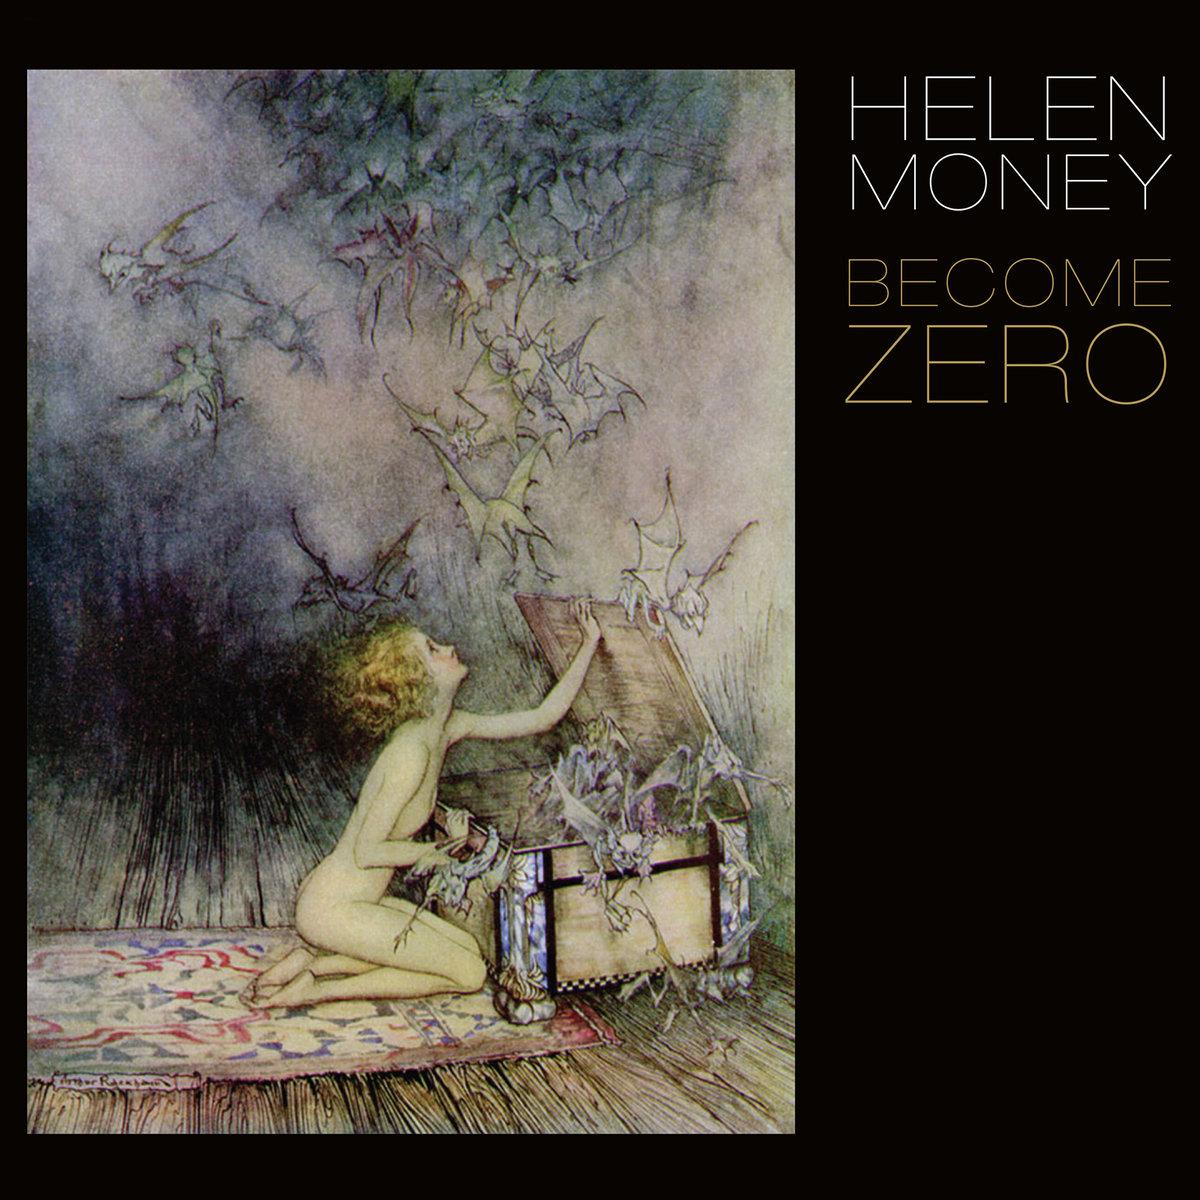 helenmoney_becomezero